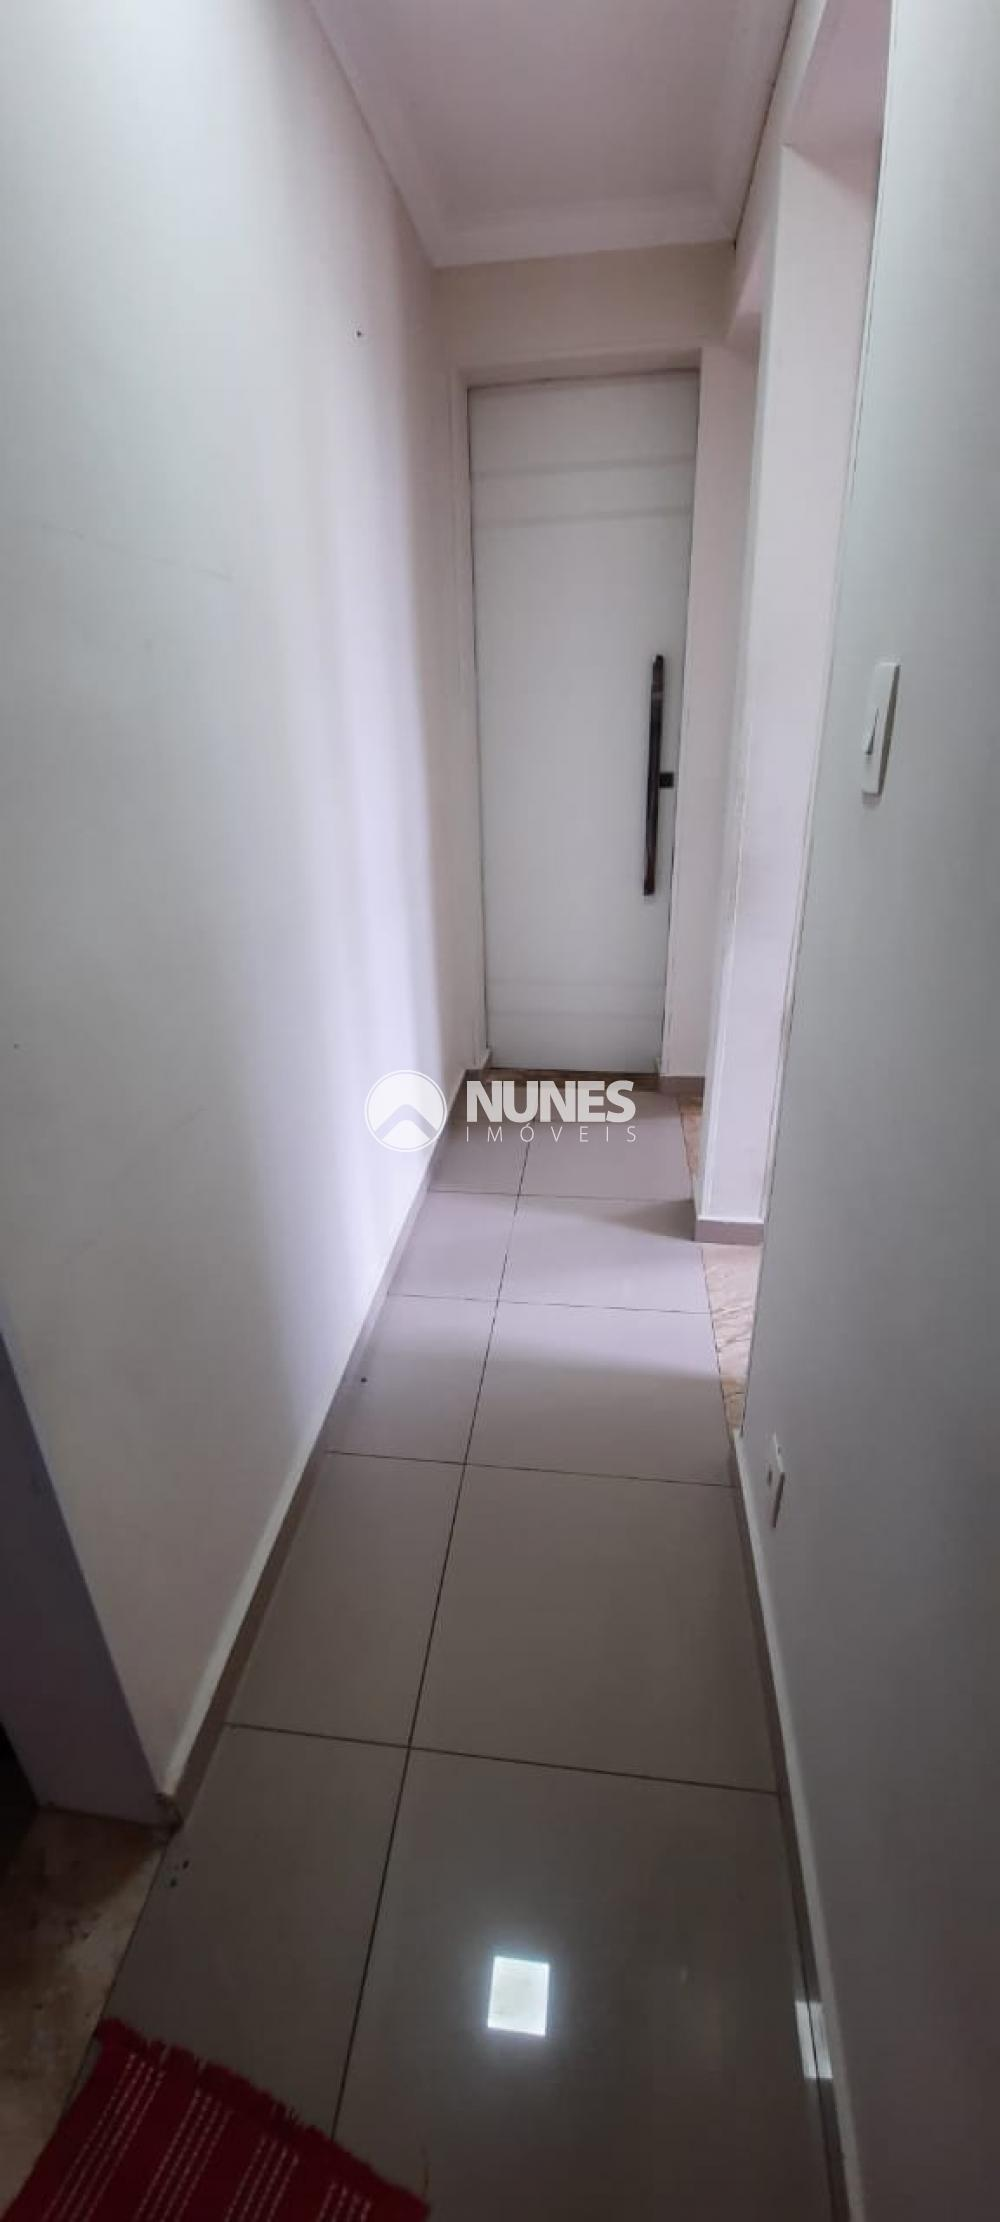 Comprar Apartamento / Padrão em Osasco apenas R$ 195.000,00 - Foto 18